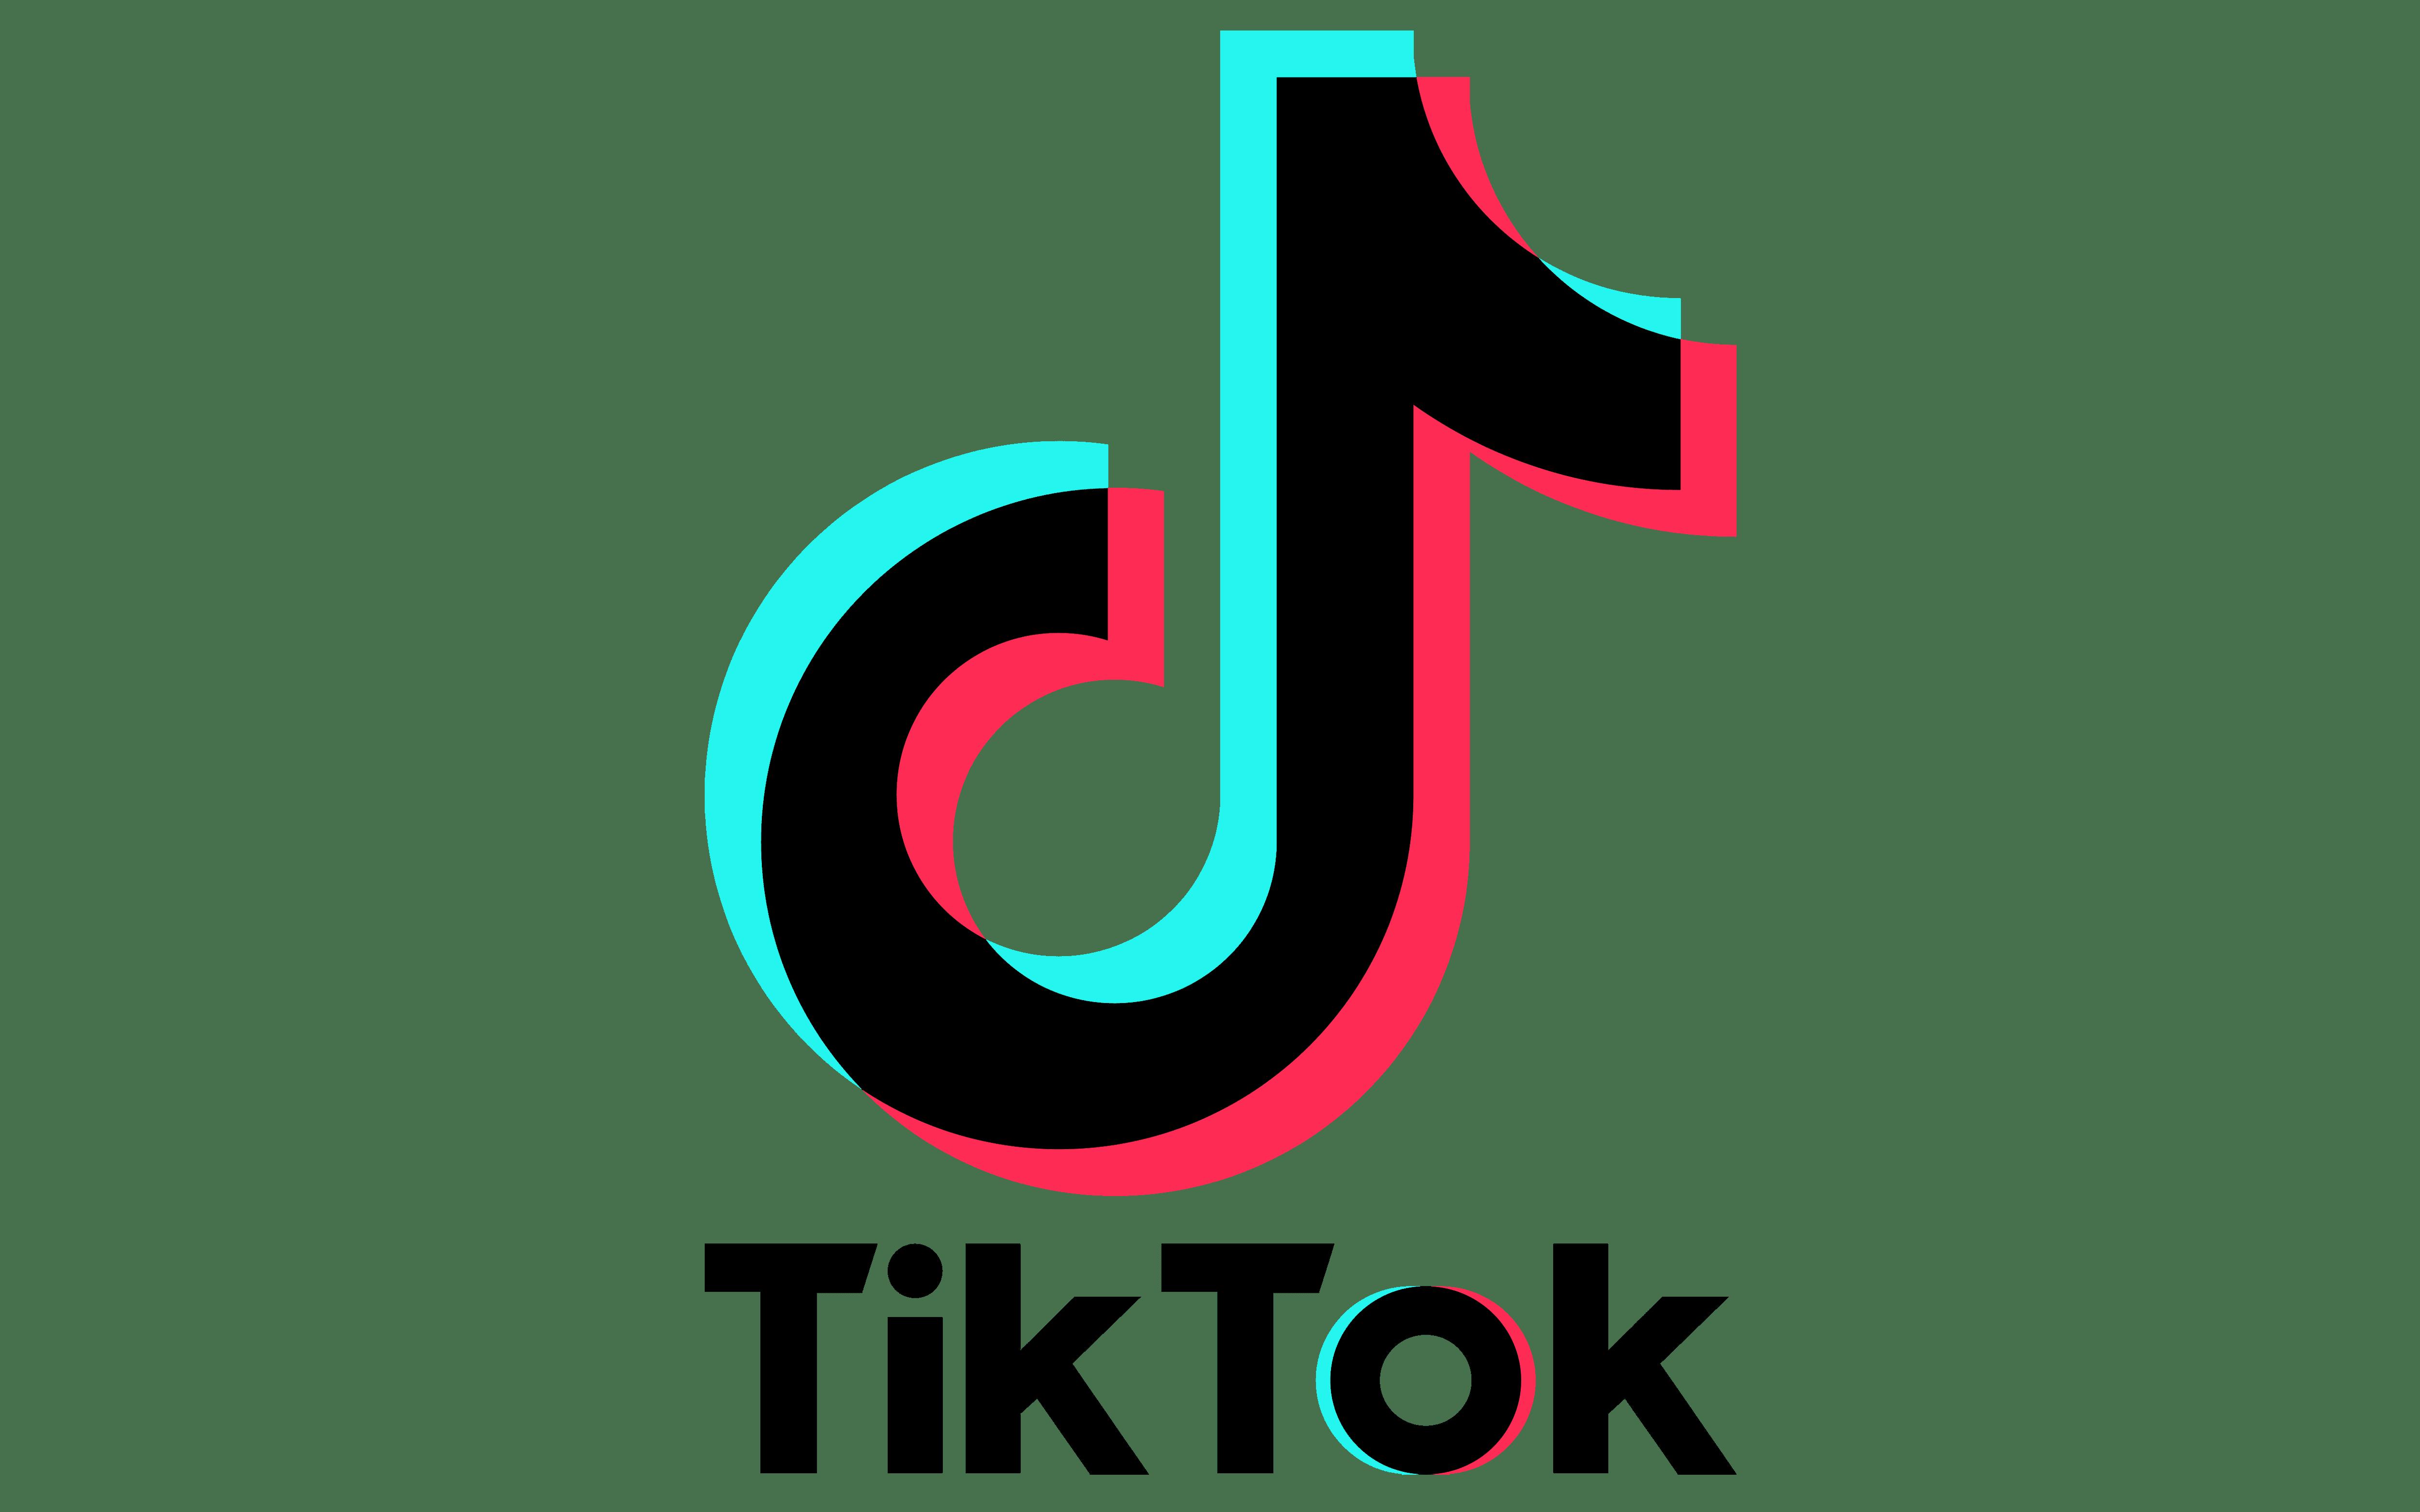 Music Platform Logos Png White - Tiktok Logo And Symbol ...